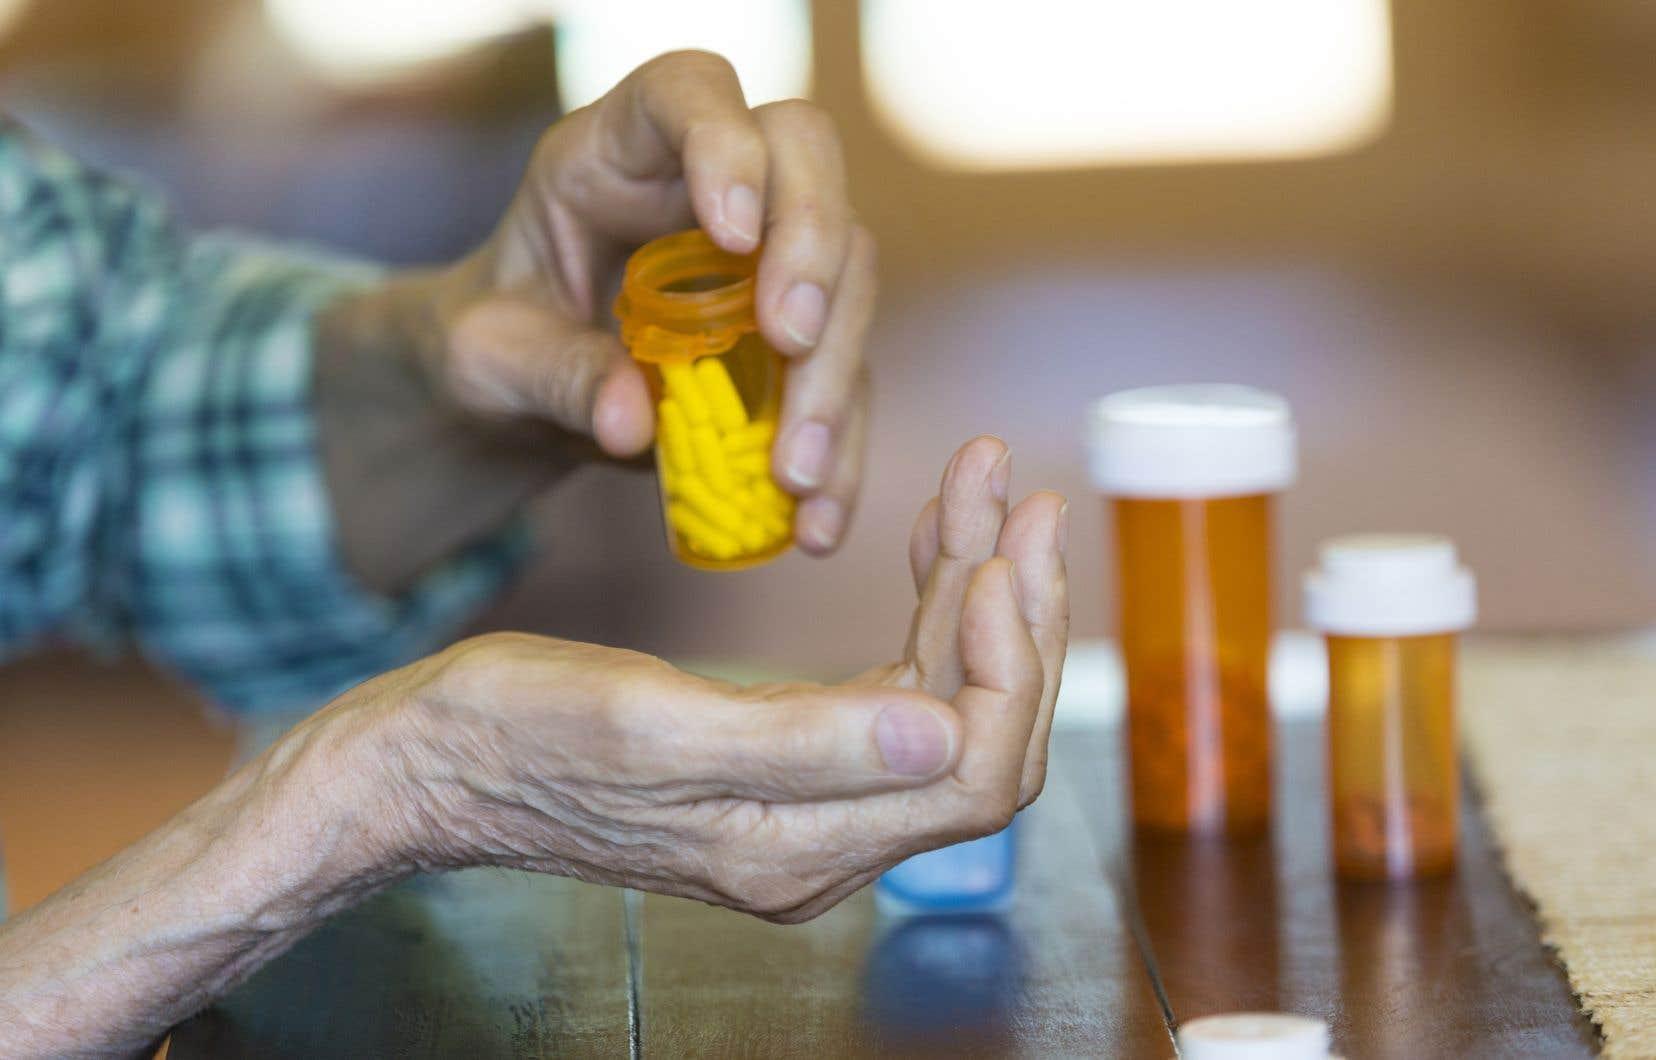 Le Conseil propose que d'ici 2022 une liste «initiale» de médicaments couverts soit dressée.